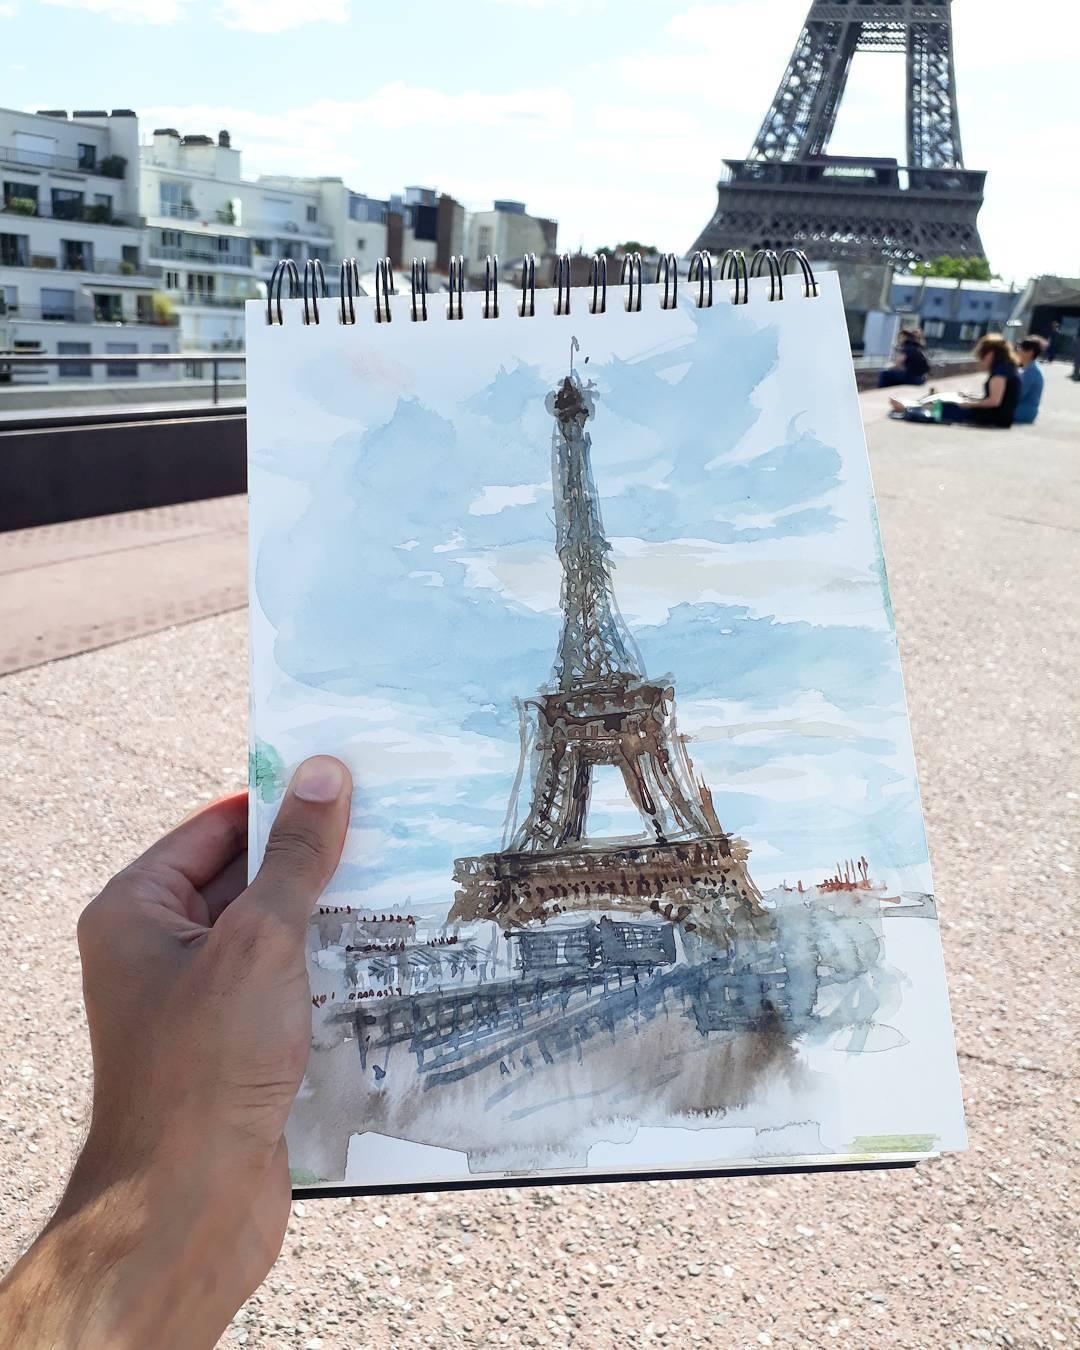 მხატვრობა, ურბანისტიკა, არქიტექტურა, აკვარელი, წყლის საღებავები, პარიზი, პარიზის ნახატები, პარიზი ნახატებში, პარიზი მხატვრობაში, პარიზის არქიტექტურა, qwelly, qwellygarphy, qwellyland, paris, painting